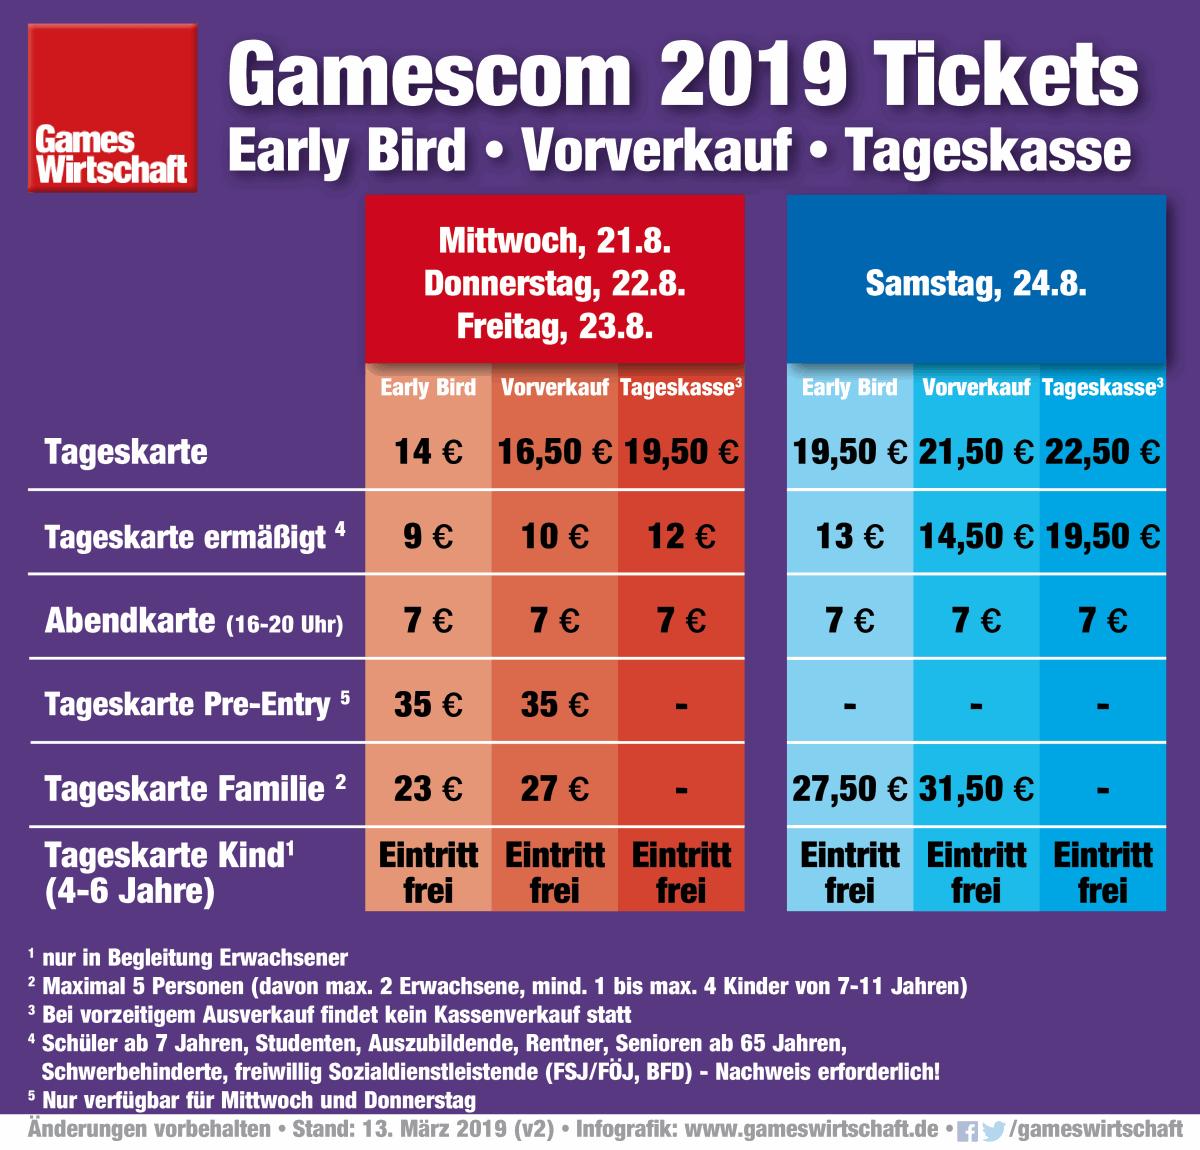 Gamescom Tickets 2019: Das sind die Eintrittspreise für alle Messetage (Update vom 13.3.2019)